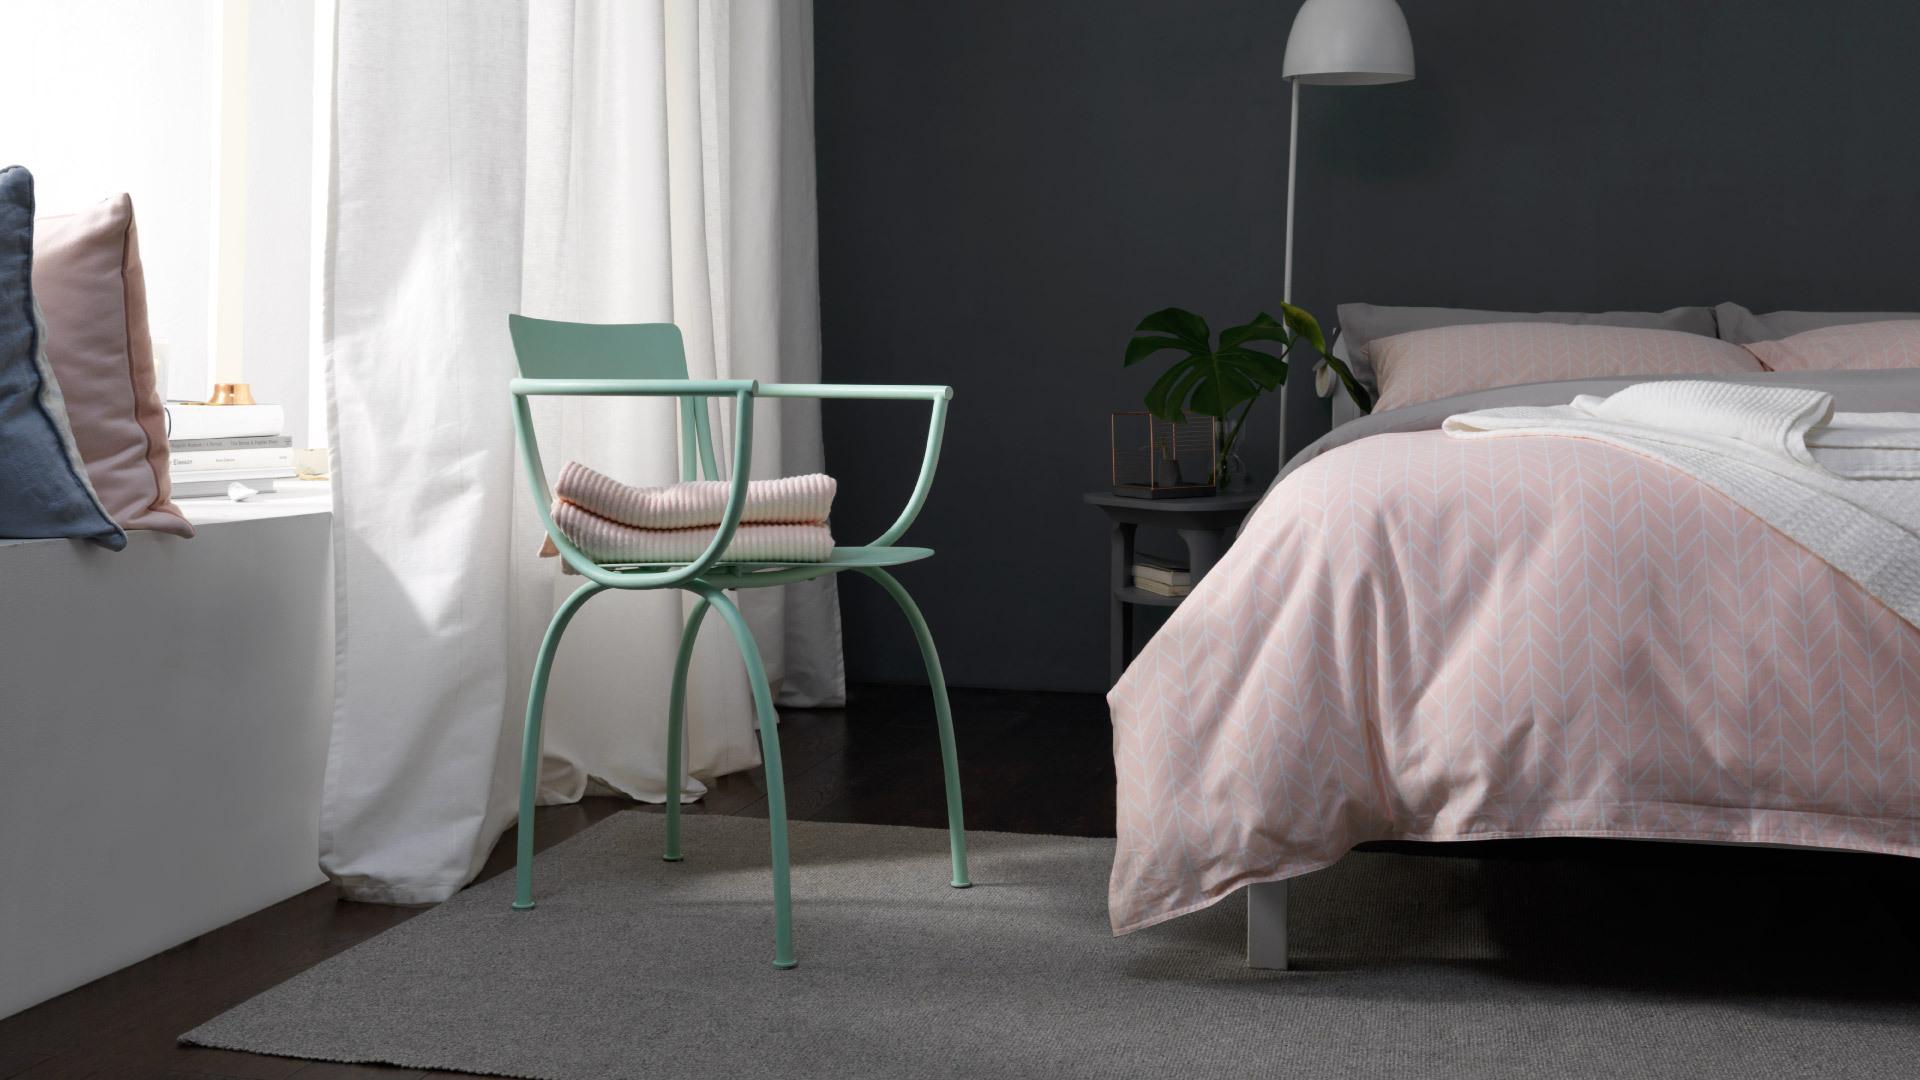 加一把椅,令卧室更轻盈